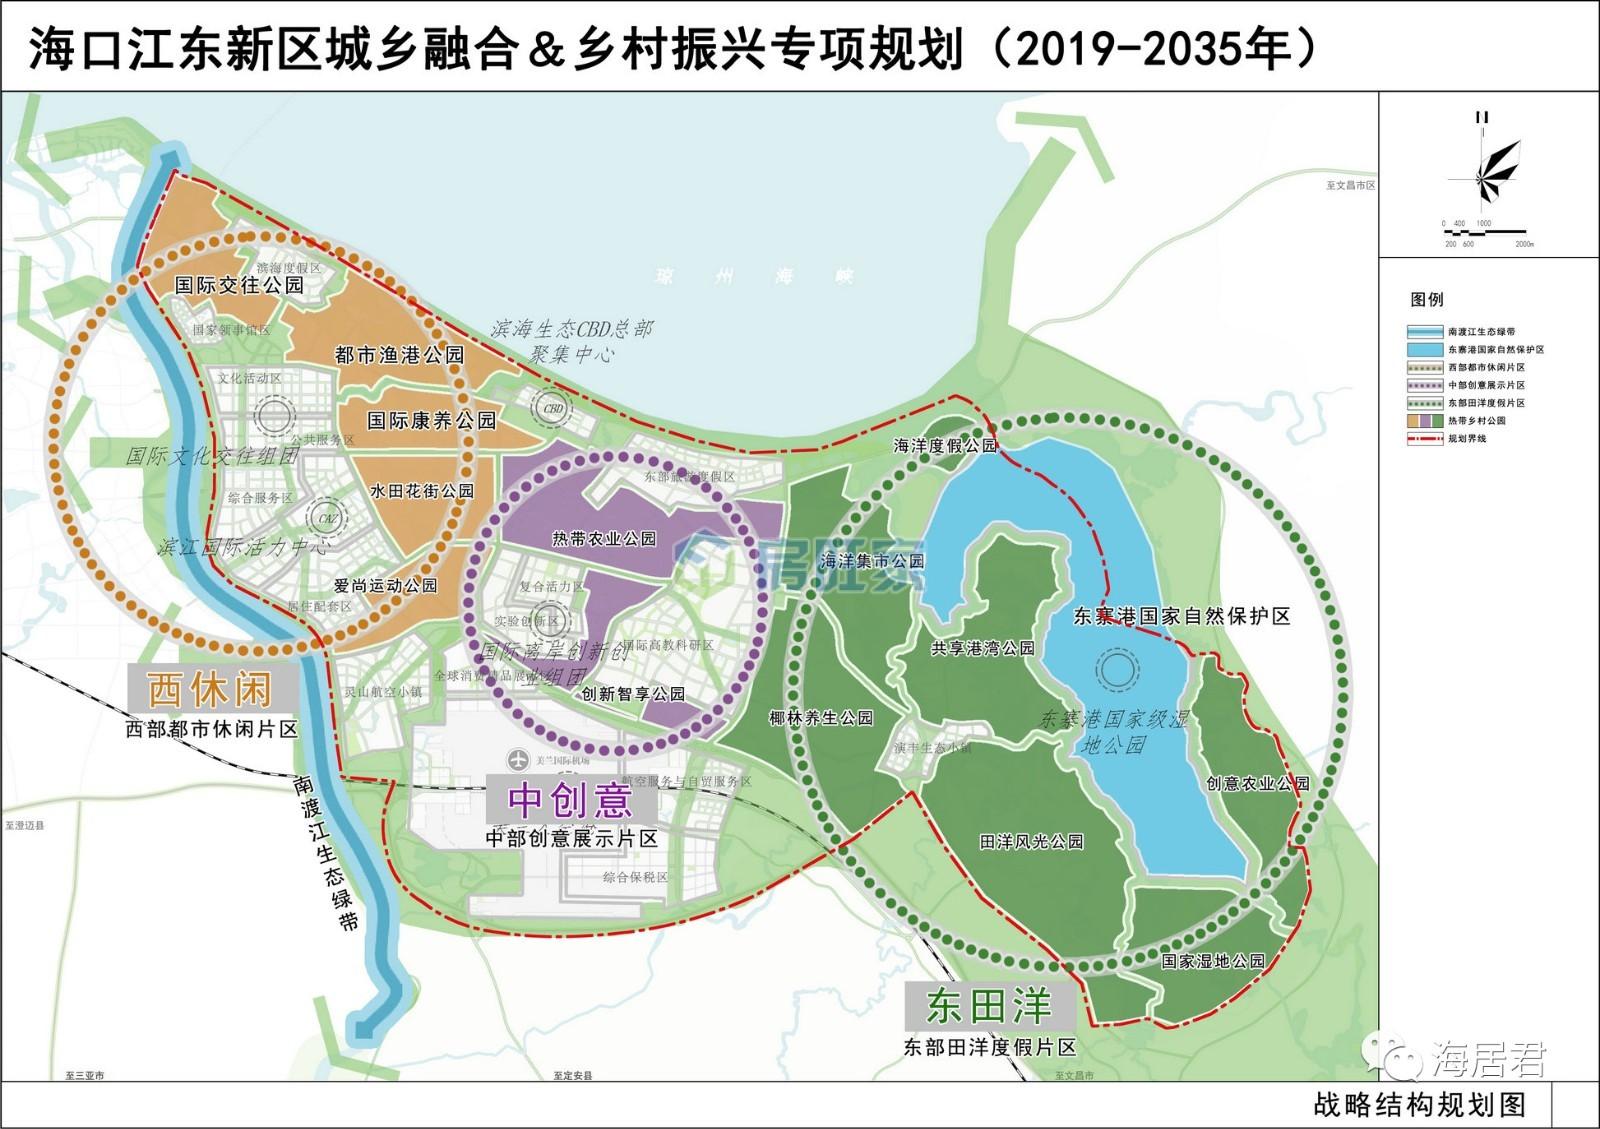 海口江东新区城乡融合&乡村振兴专项规划战略结构规划图